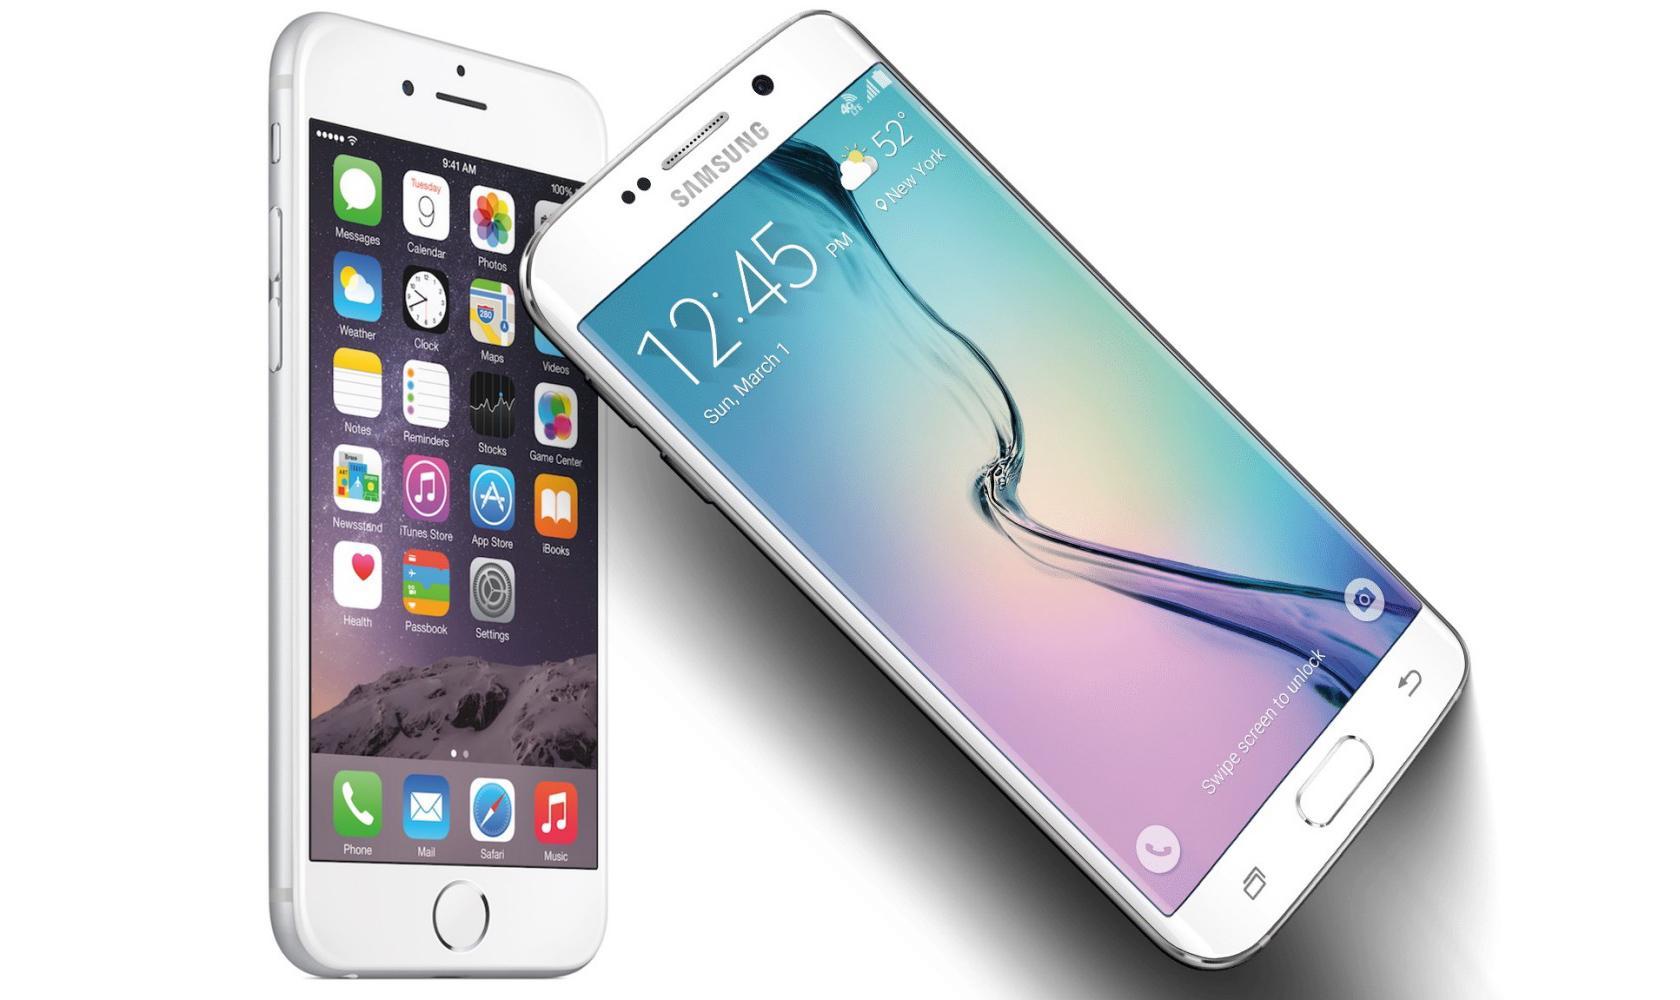 diseño para teléfonos de emoción, manzana y samsung